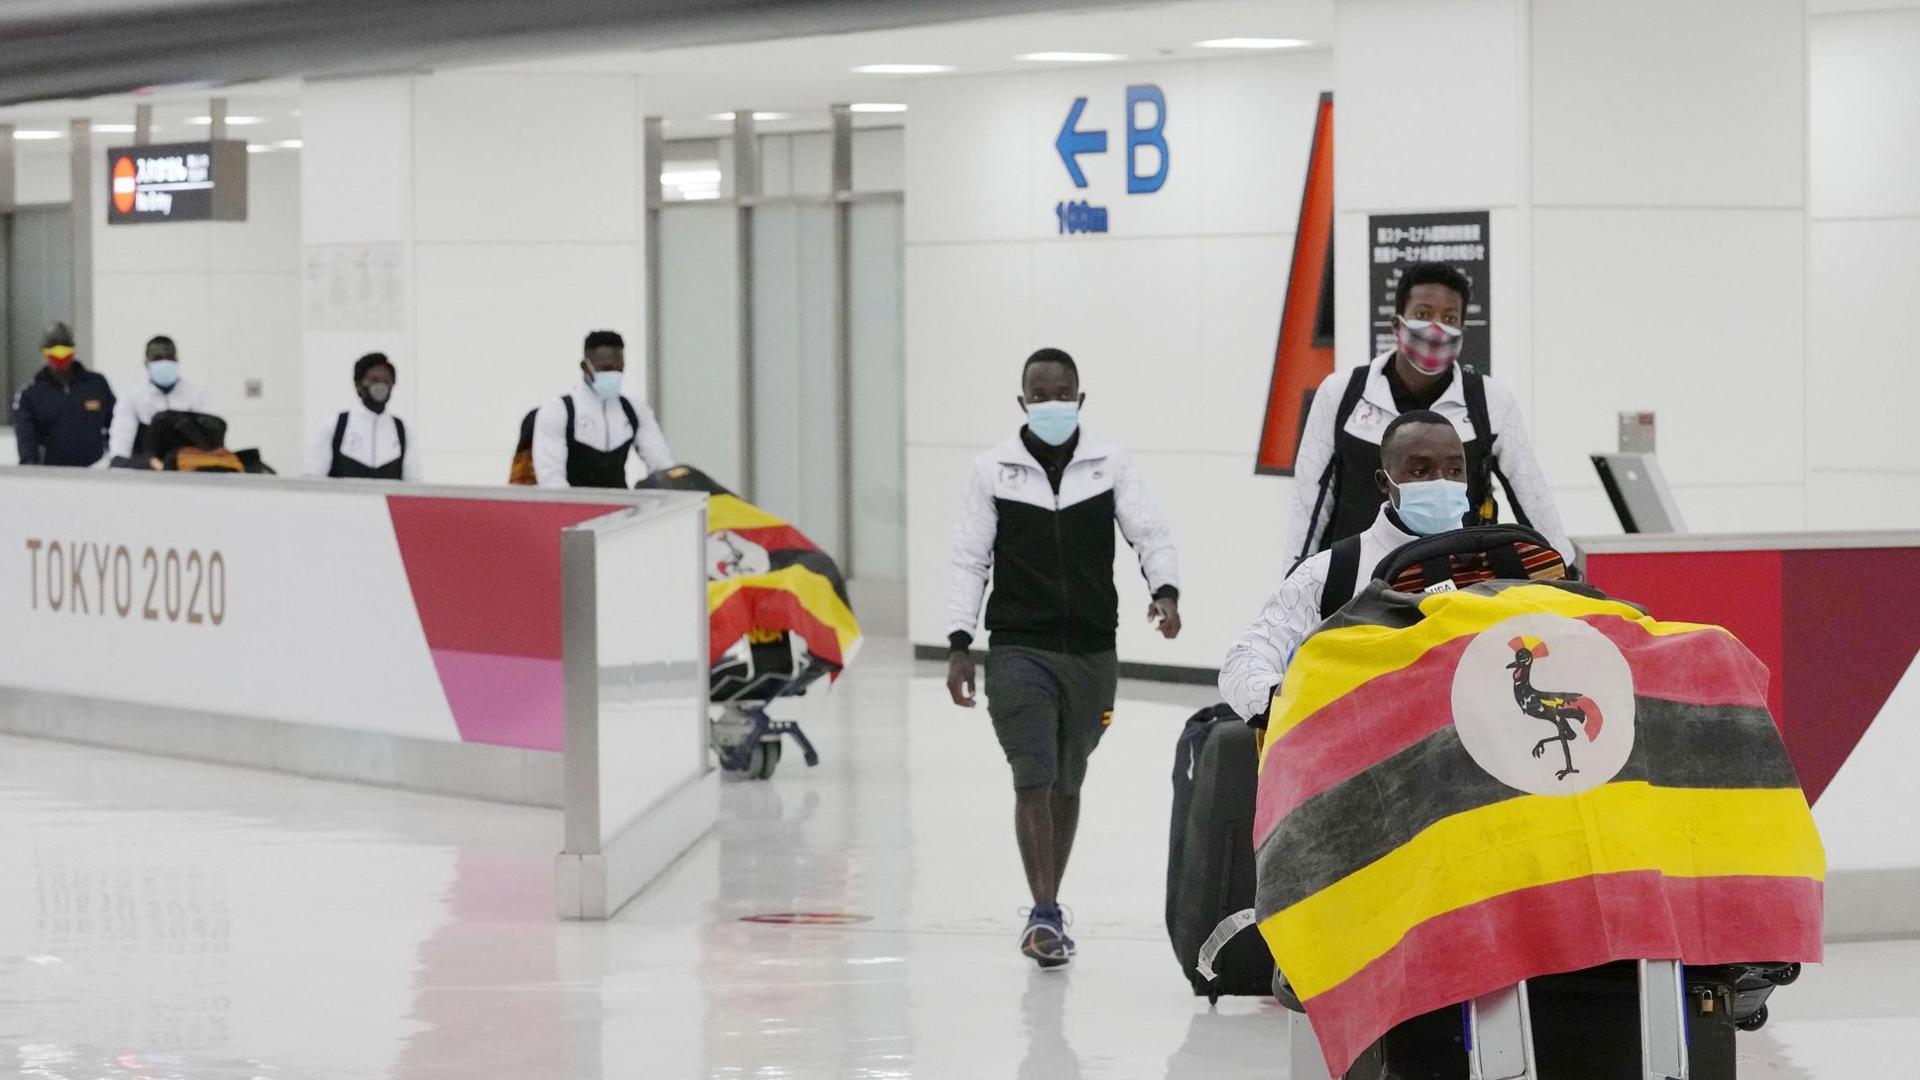 Ein Mitglied des Olympia-Teams aus Uganda wurde bei seiner Ankunft positiv auf das Coronavirus getestet.